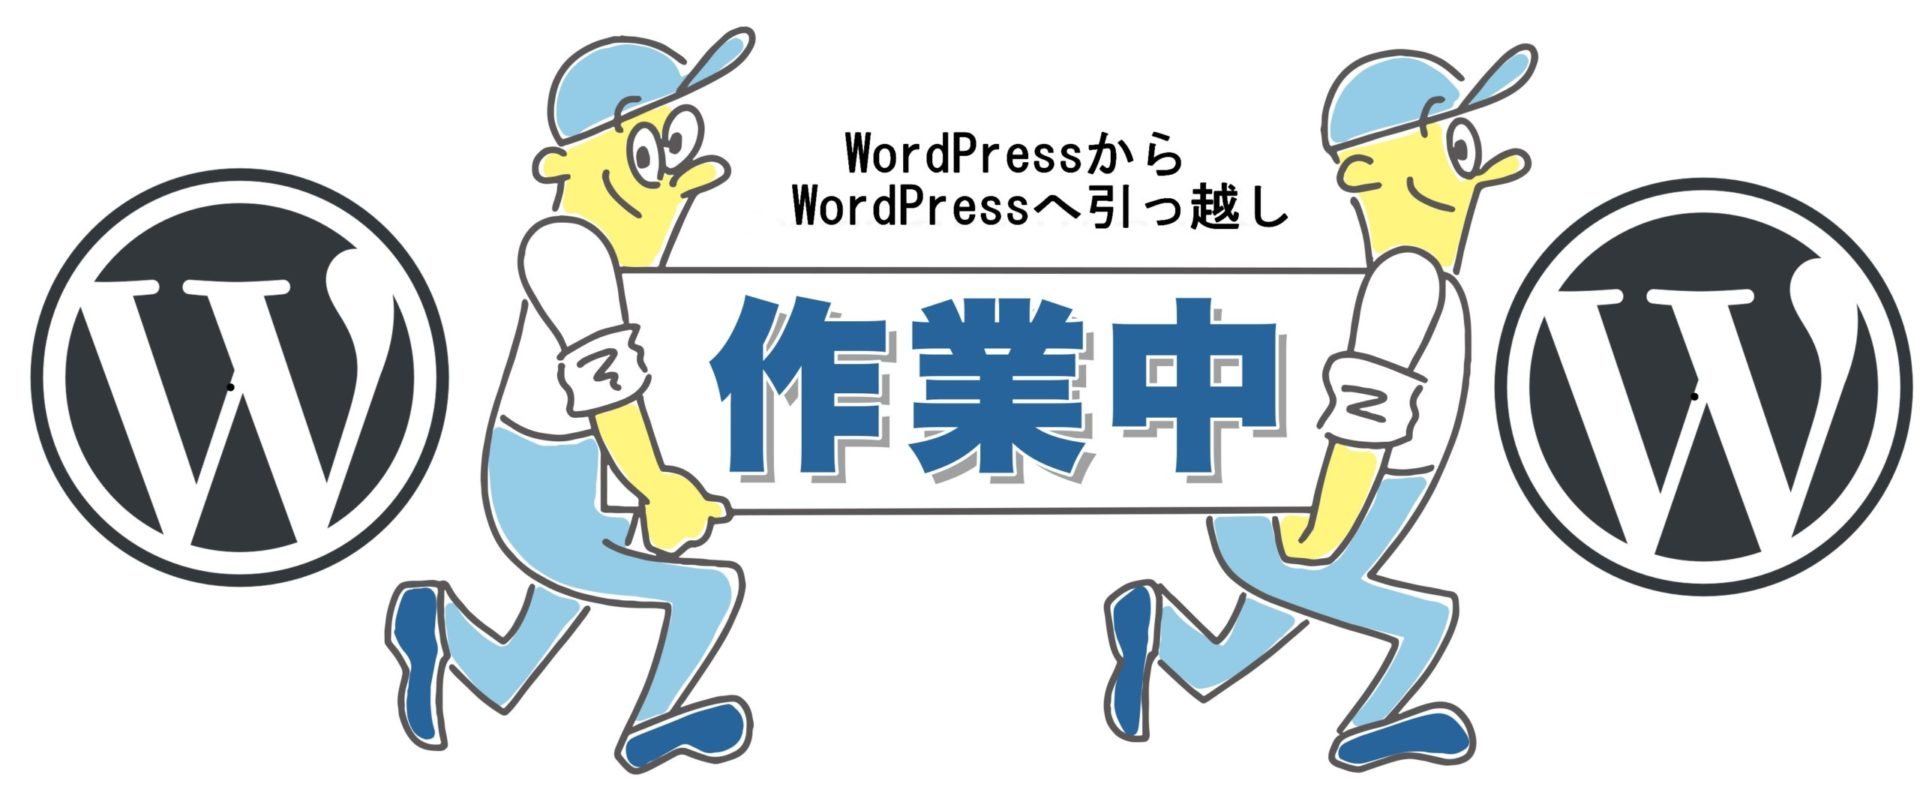 WordPressでのブログの引っ越し方法